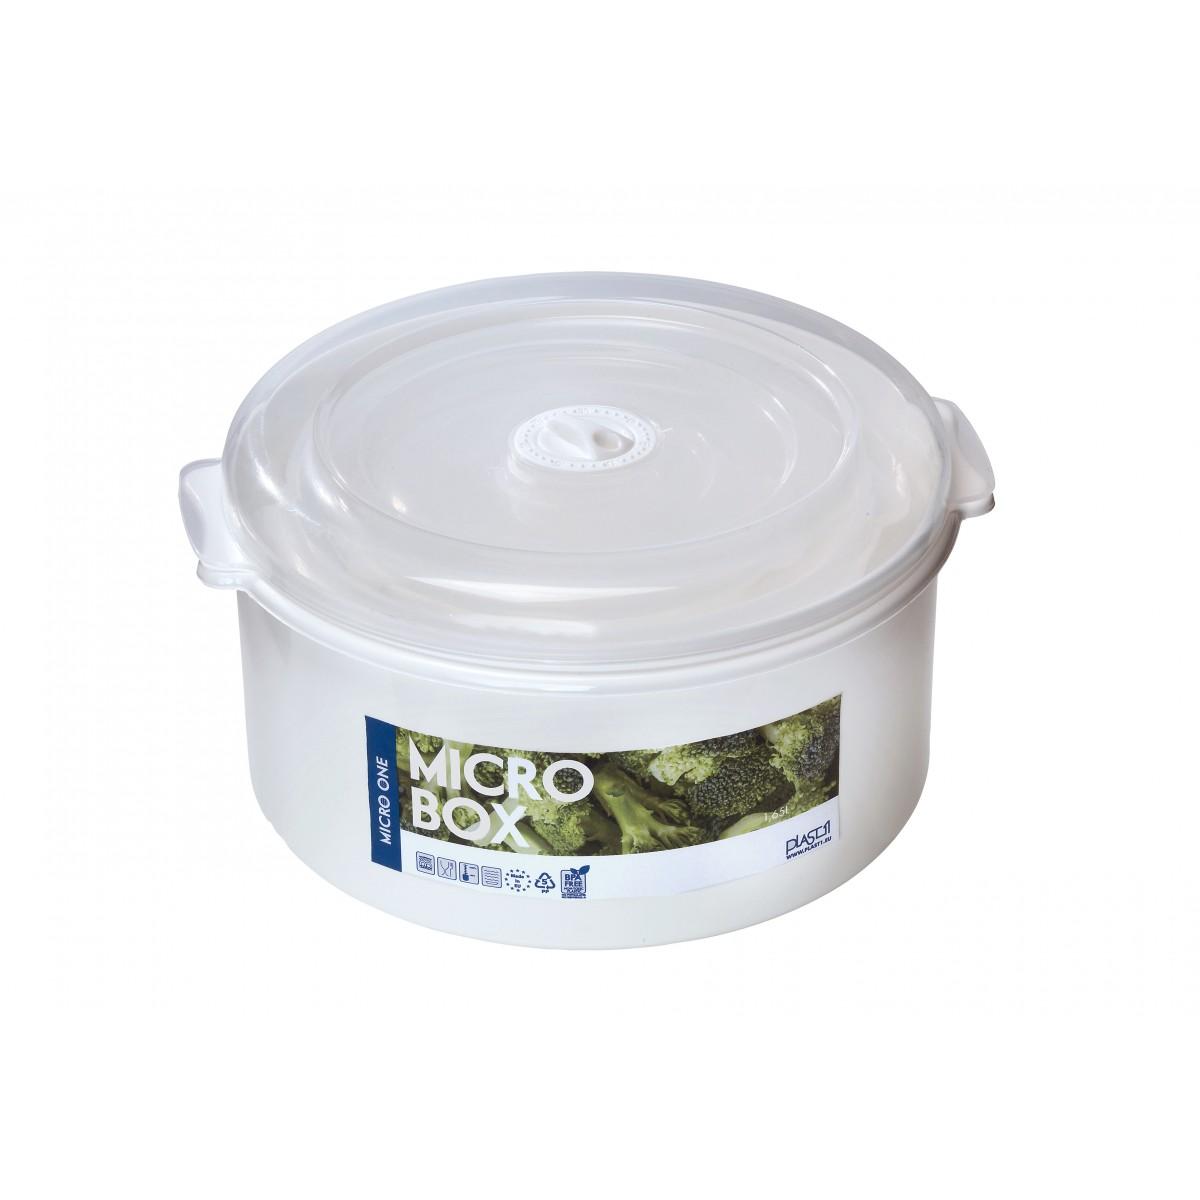 PLAST1 Mikro-box rund 1,65 L